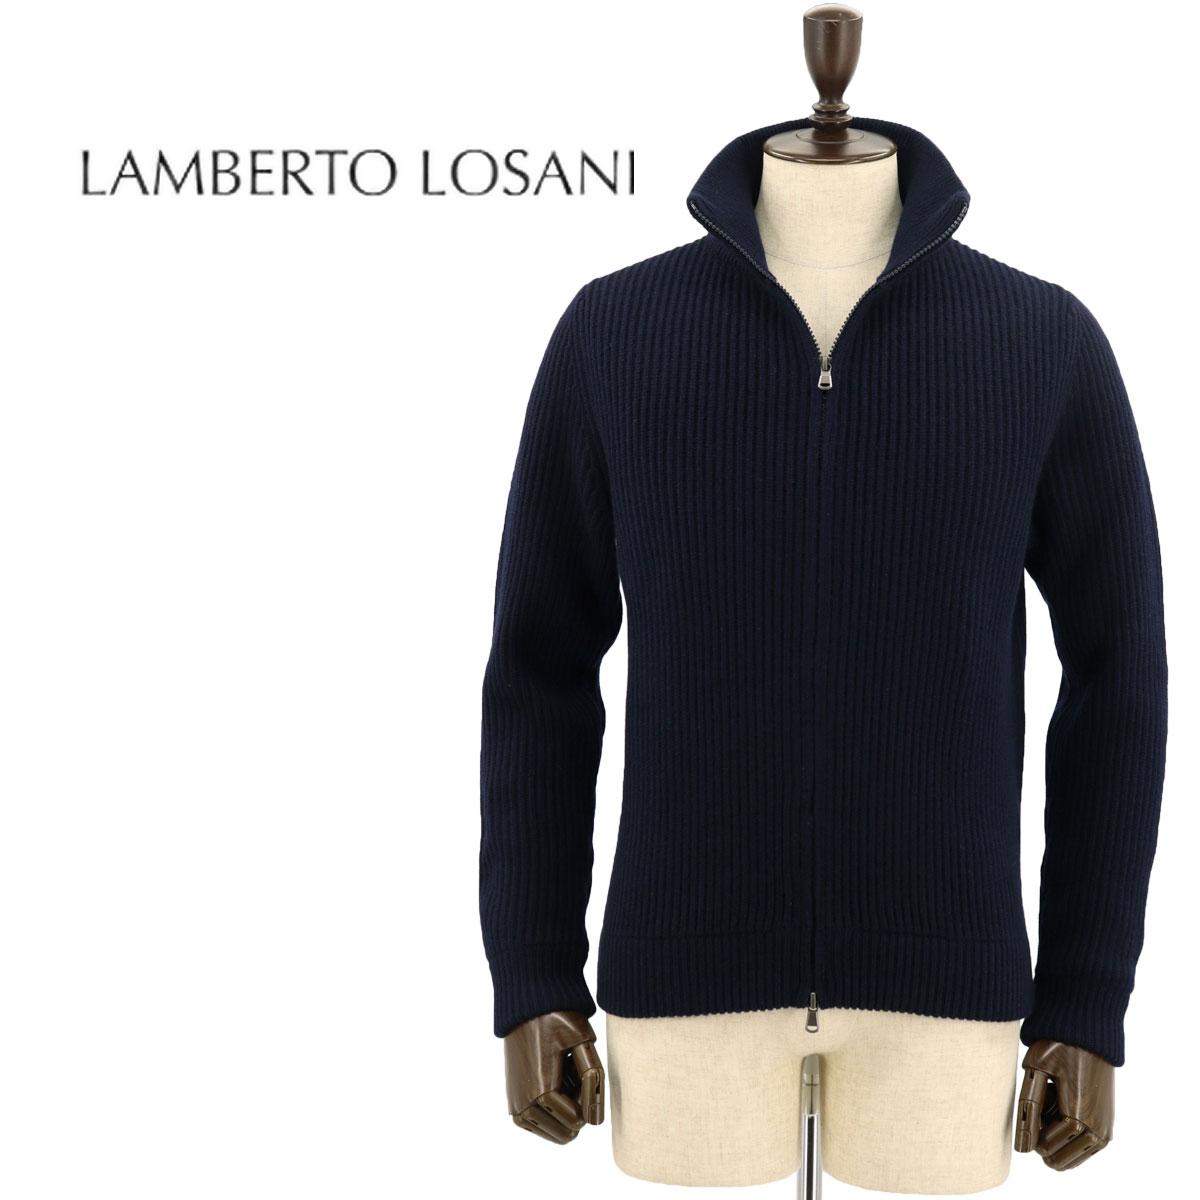 【クリアランスセール】ランベルト ロザーニ LAMBERTO LOSANI メンズ カシミヤ ジップアップ カーディガン H288095/616(ネイビー)【返品交換不可】